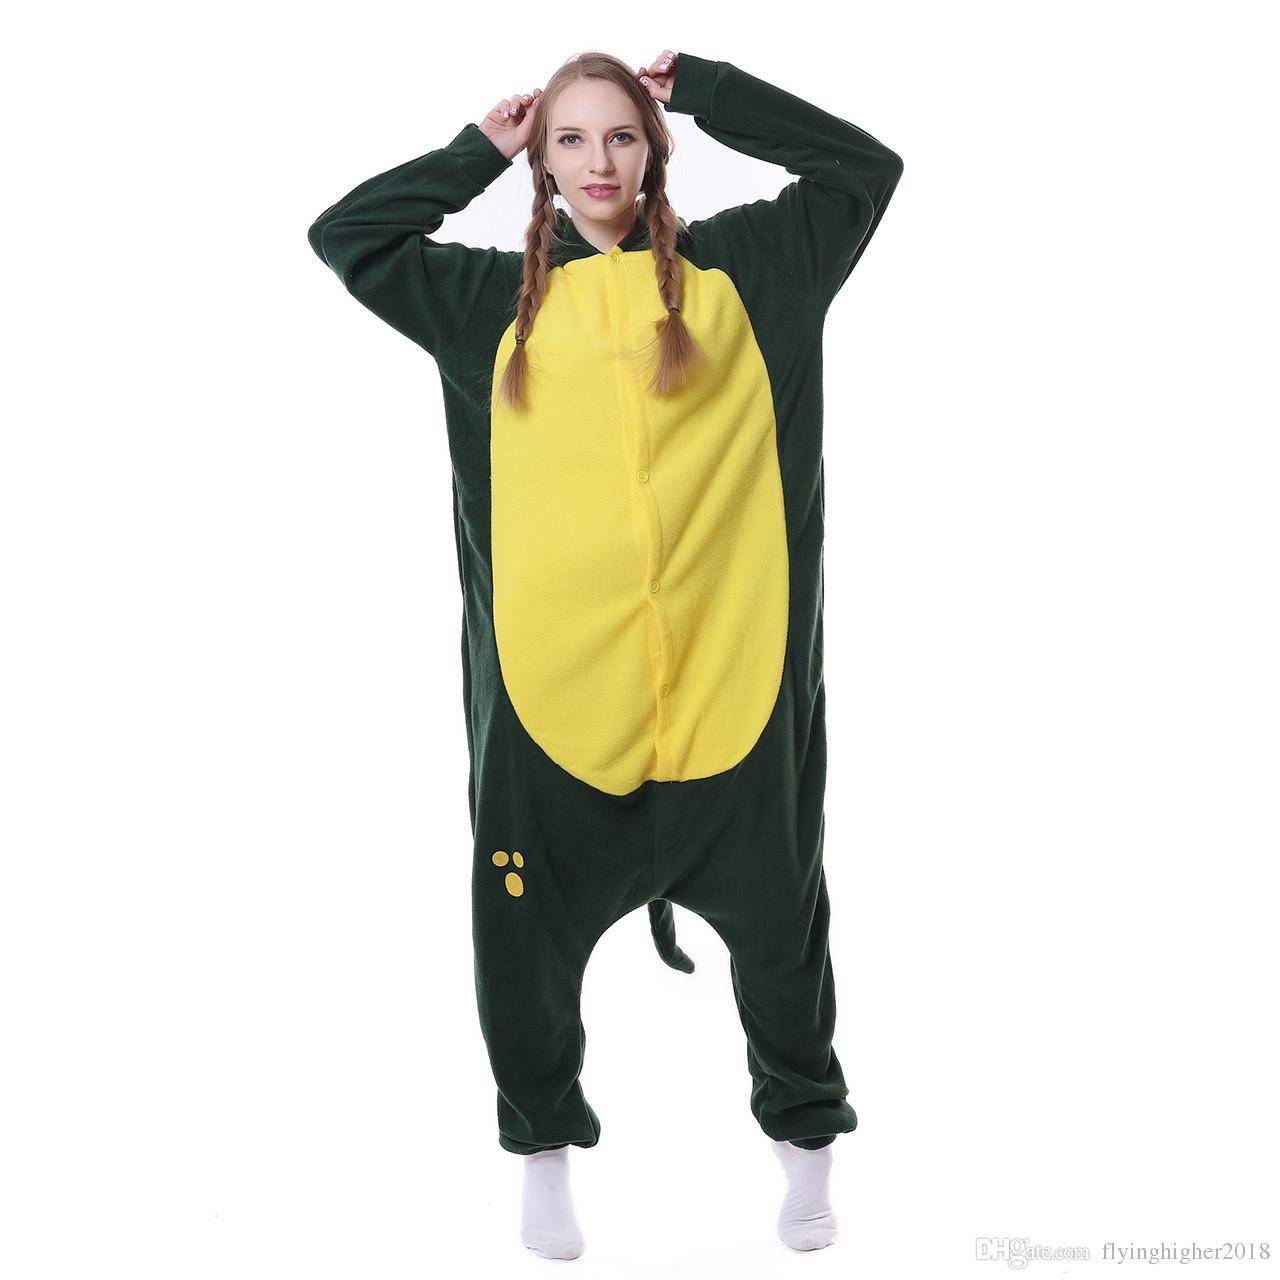 귀여운 동물 Pyjama 여성 후드 악어 잠옷 세트 할로윈 코스프레 의류 양털 홈 수면 착용 유니섹스